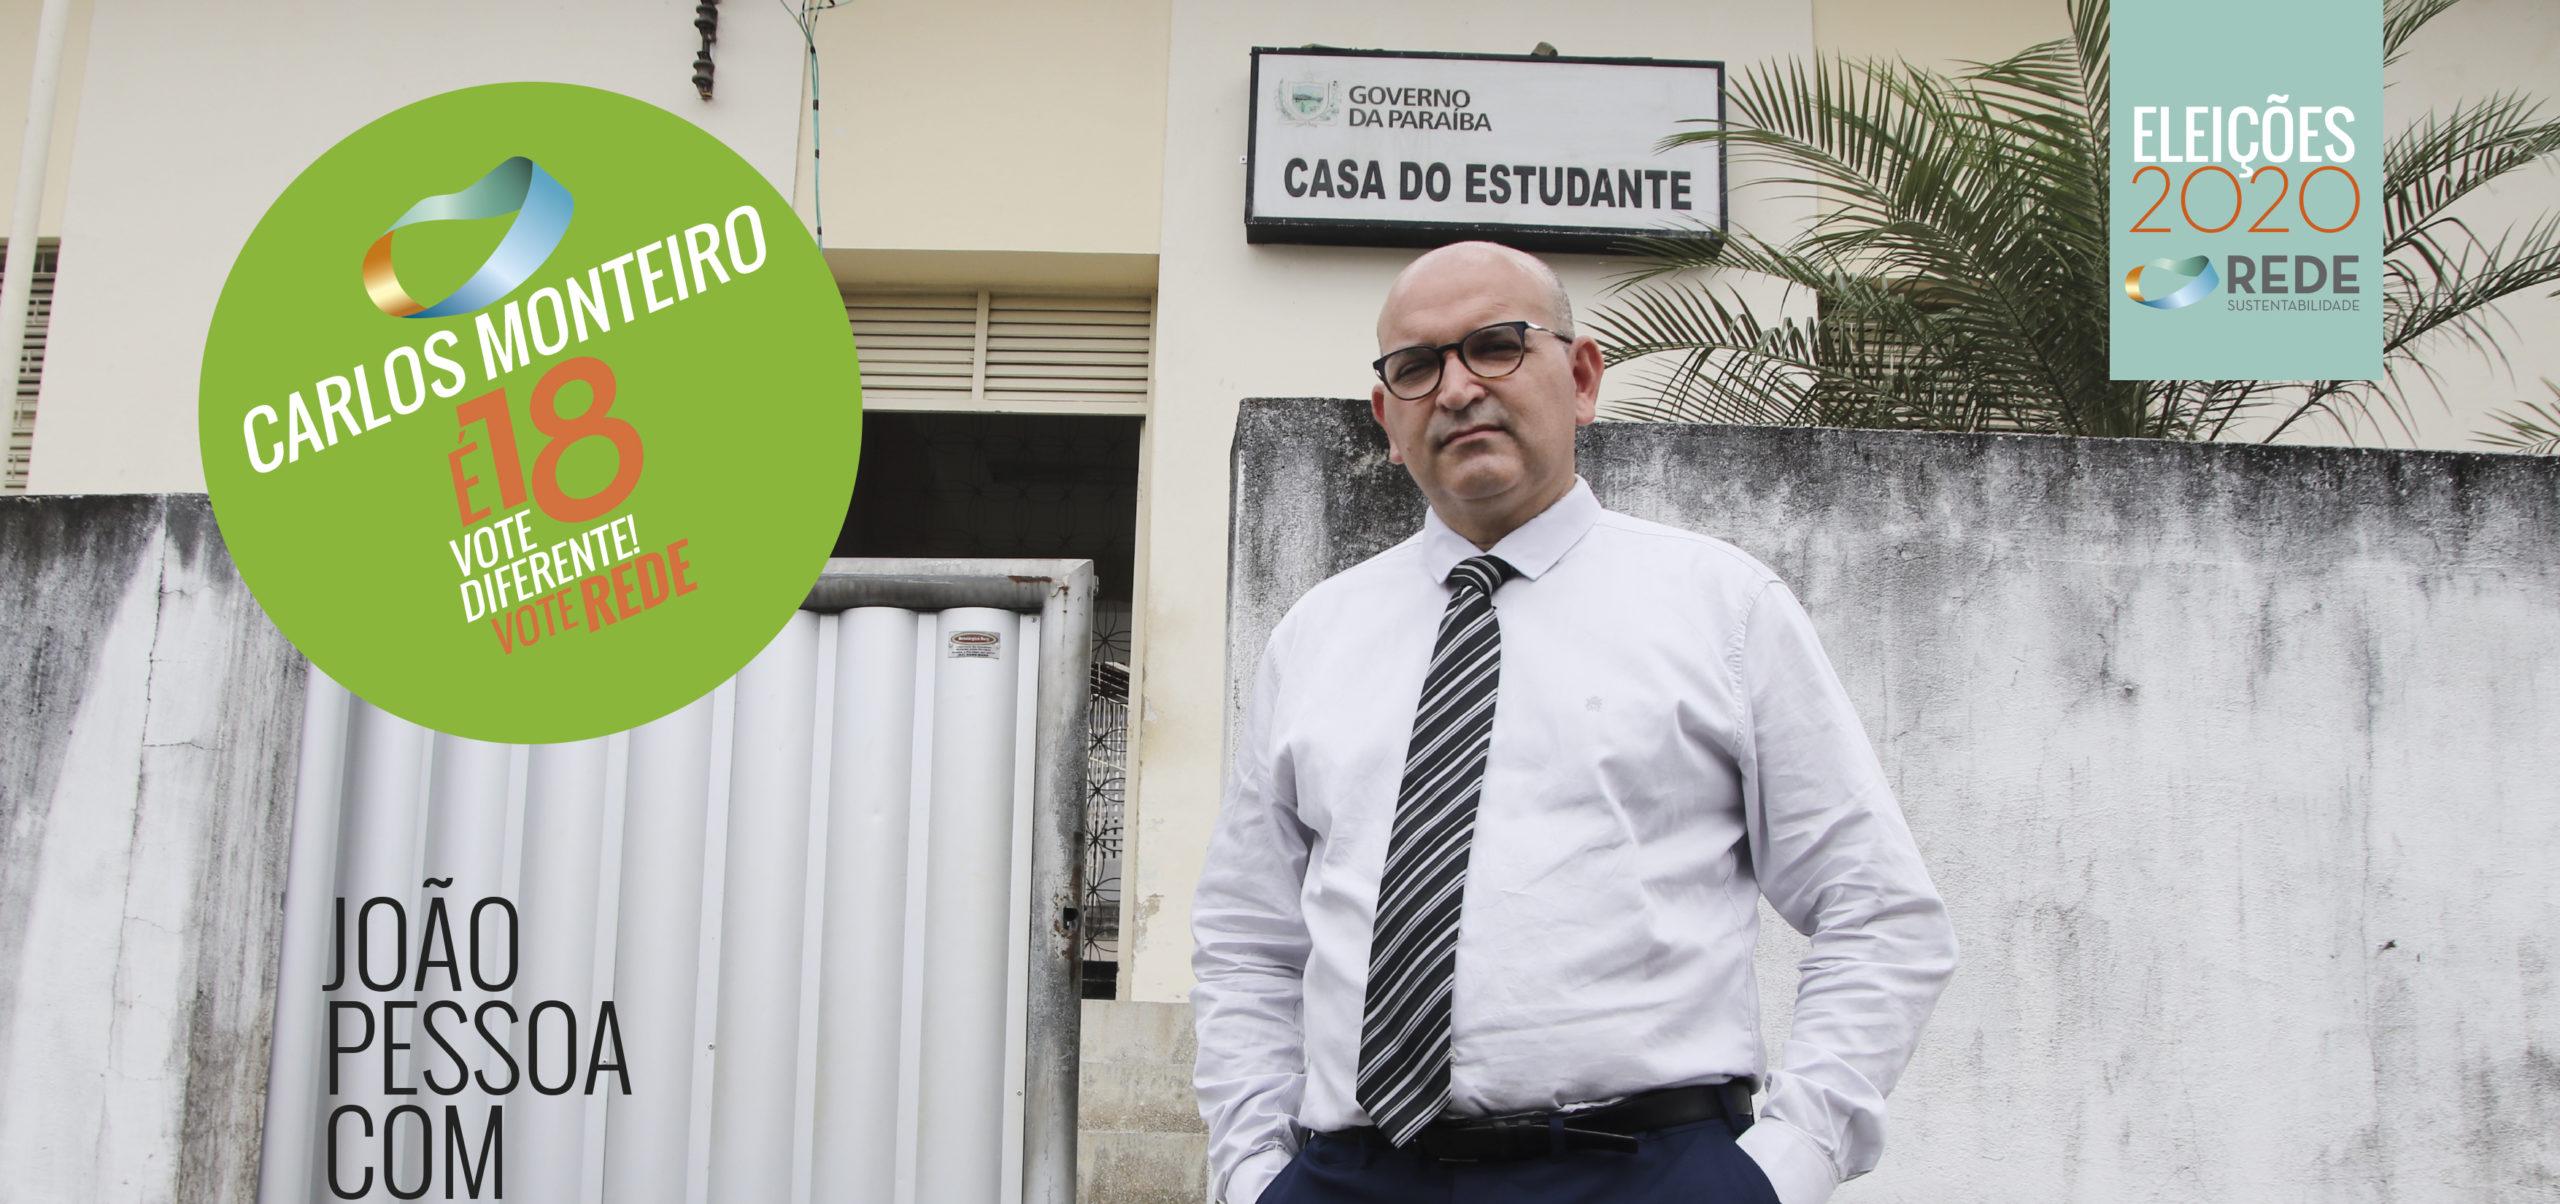 Carlos Monteiro: compromisso com as pessoas e com a democracia